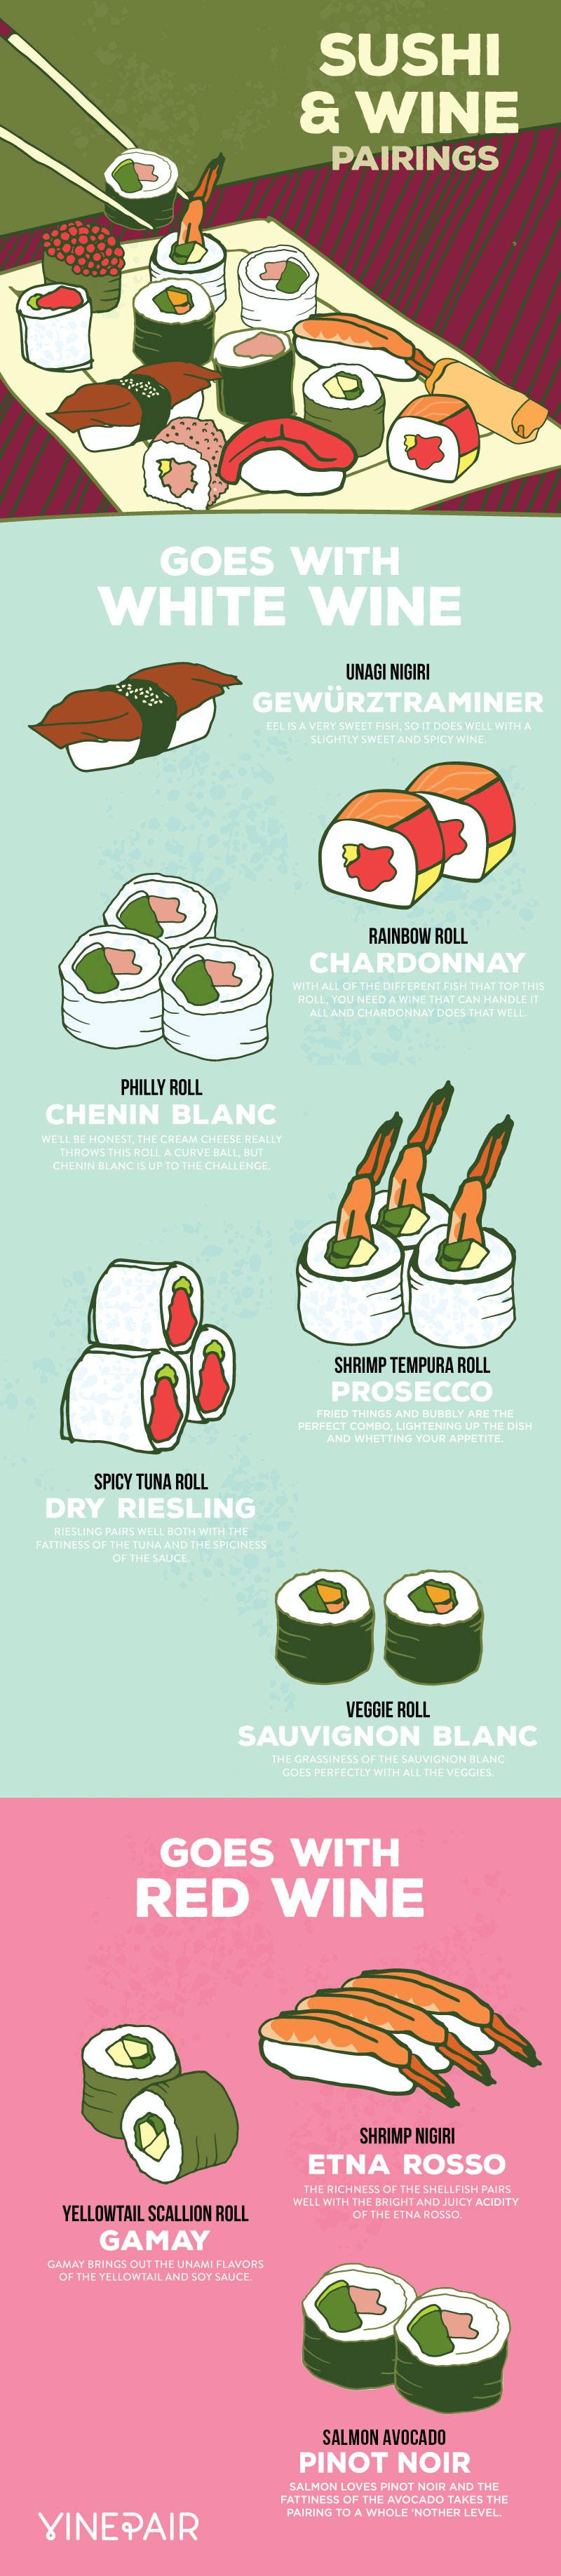 Sushi & Wine Pairings